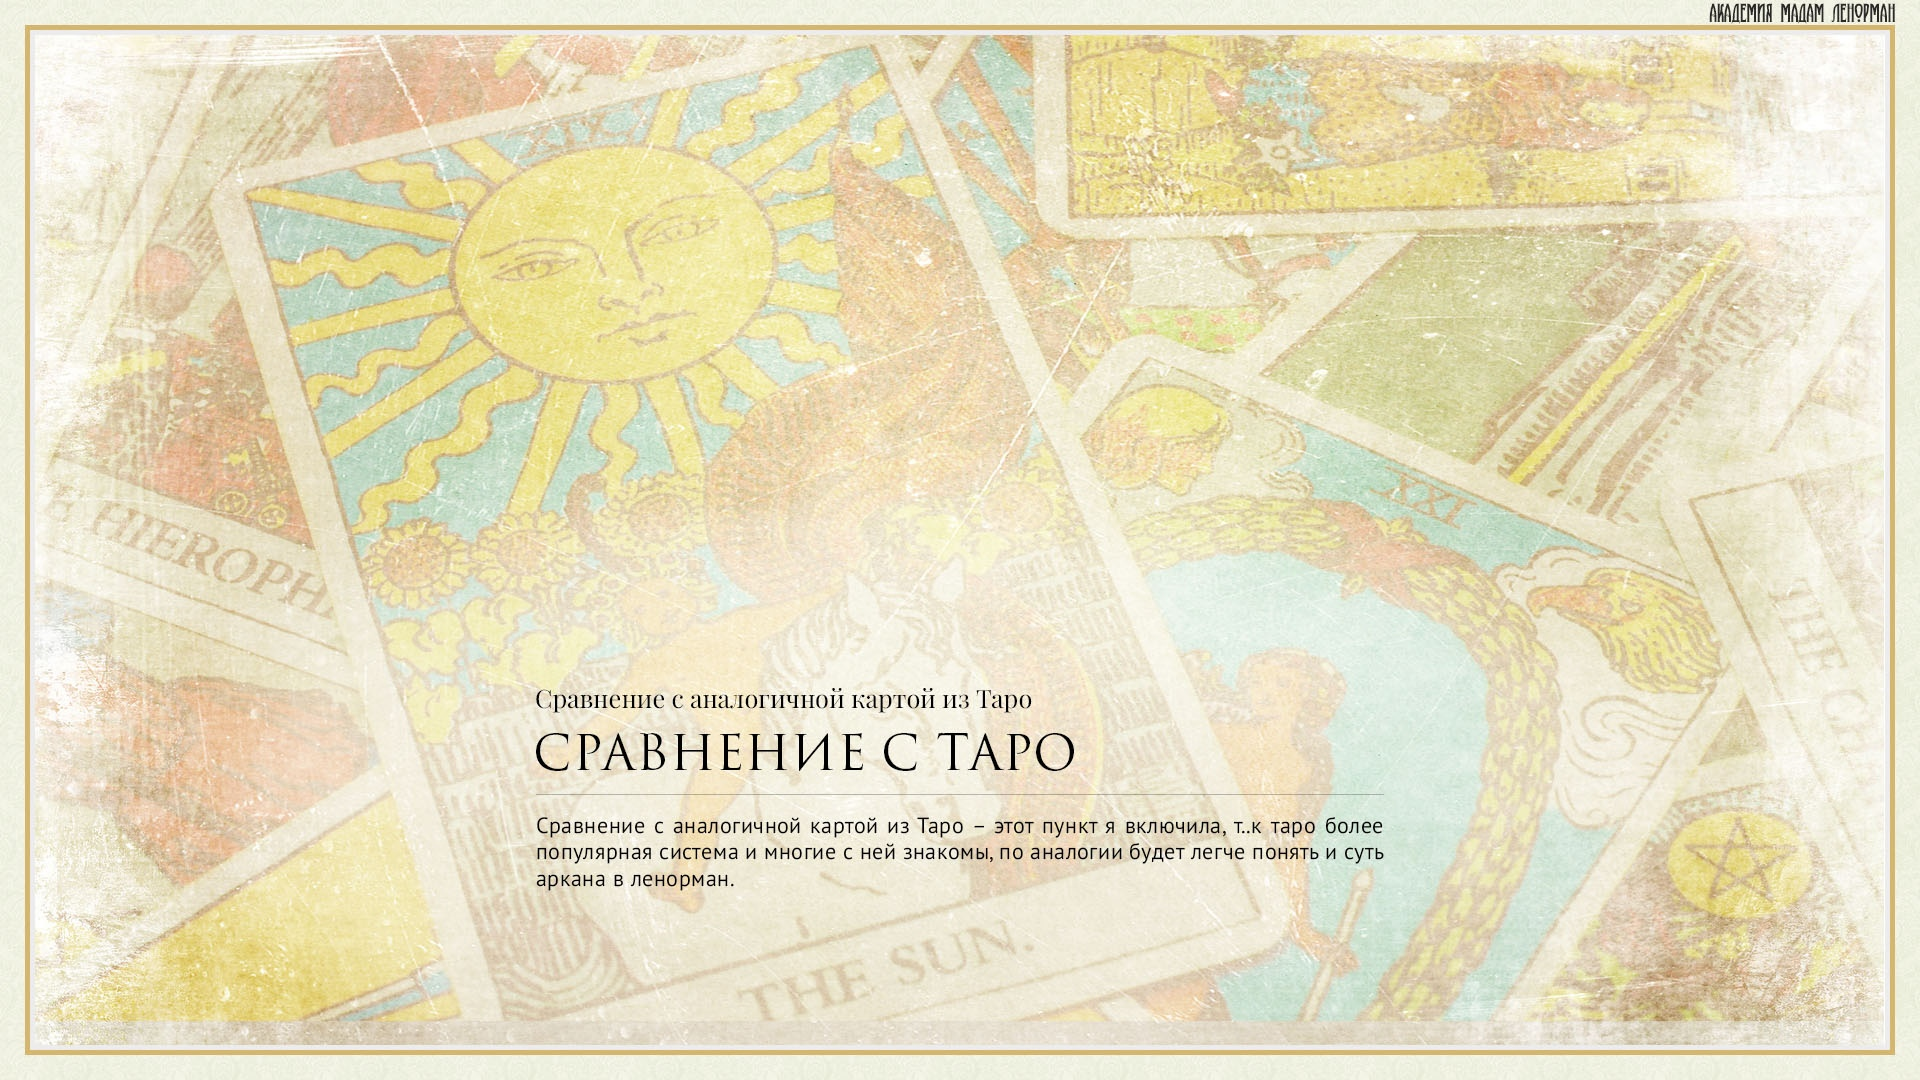 Сравнение с аналогичной картой из Таро